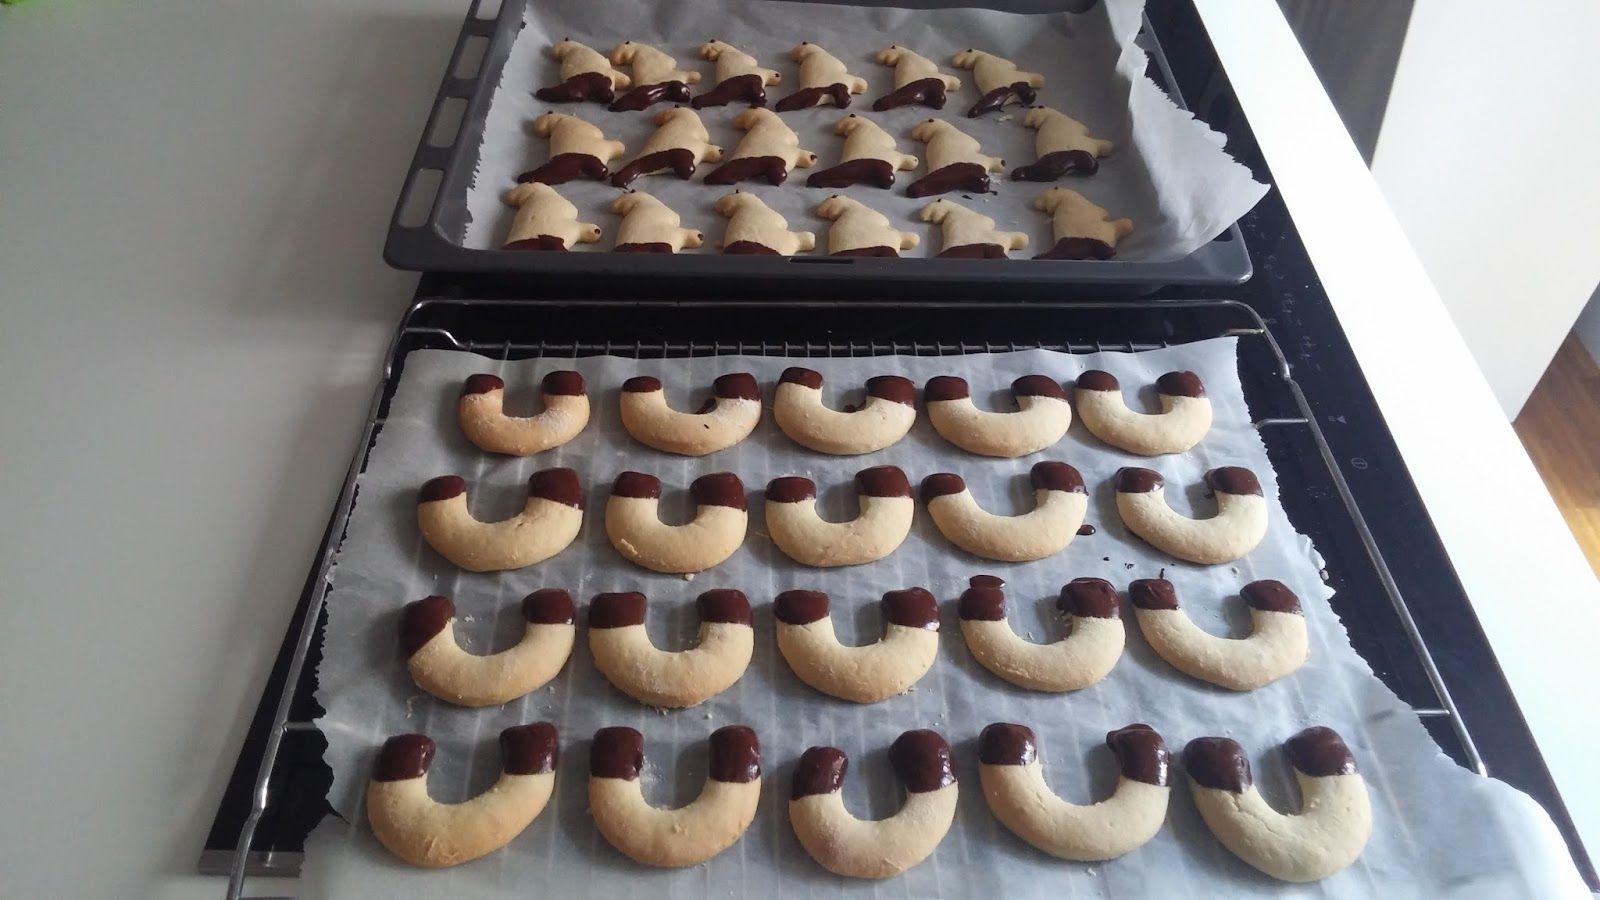 Vous allez adorer ces petits gâteaux très simples. Laissez libre cours à votre imagination pour faire les formes qui vous plaisent le plus. Une recette végétalienne, très simple à réaliser et vraiment gourmande!